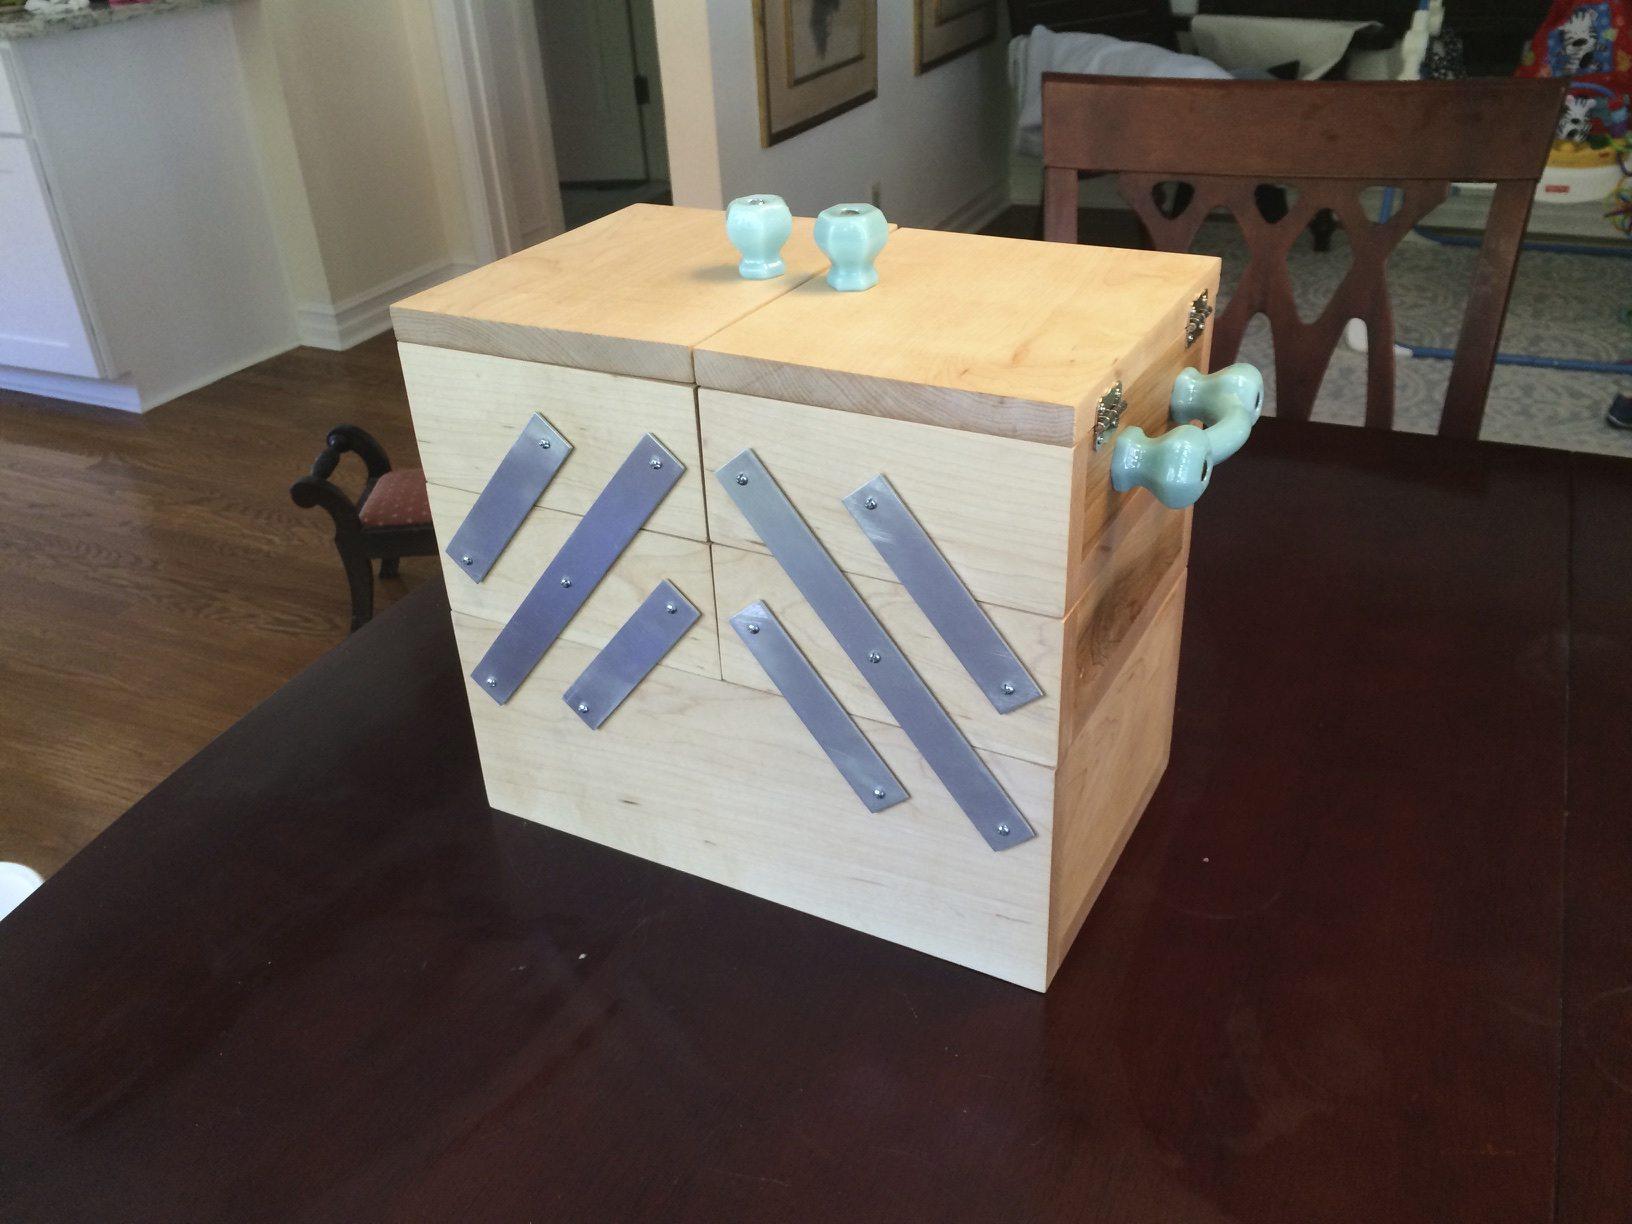 Making a Folding Sewing Box